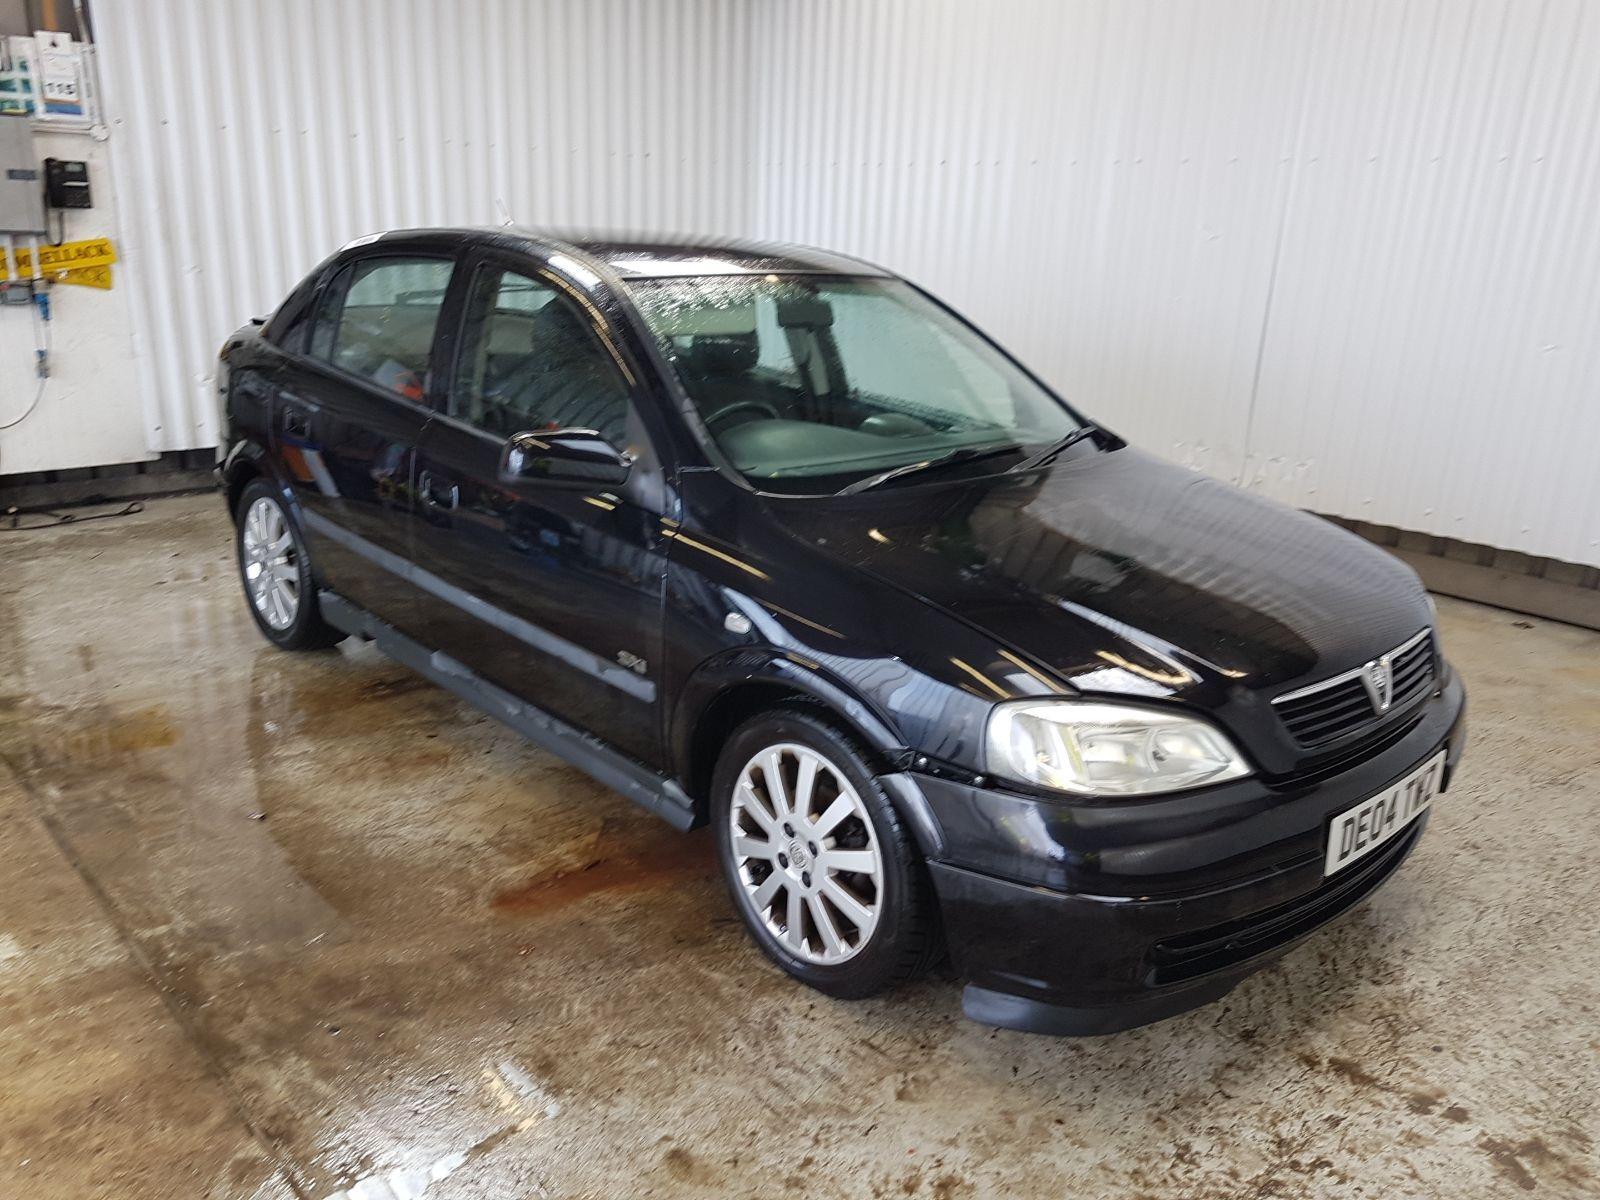 Vauxhall Astra 1998 To 2004 SXI 16V (TWINPORT) 5 Door Hatchback